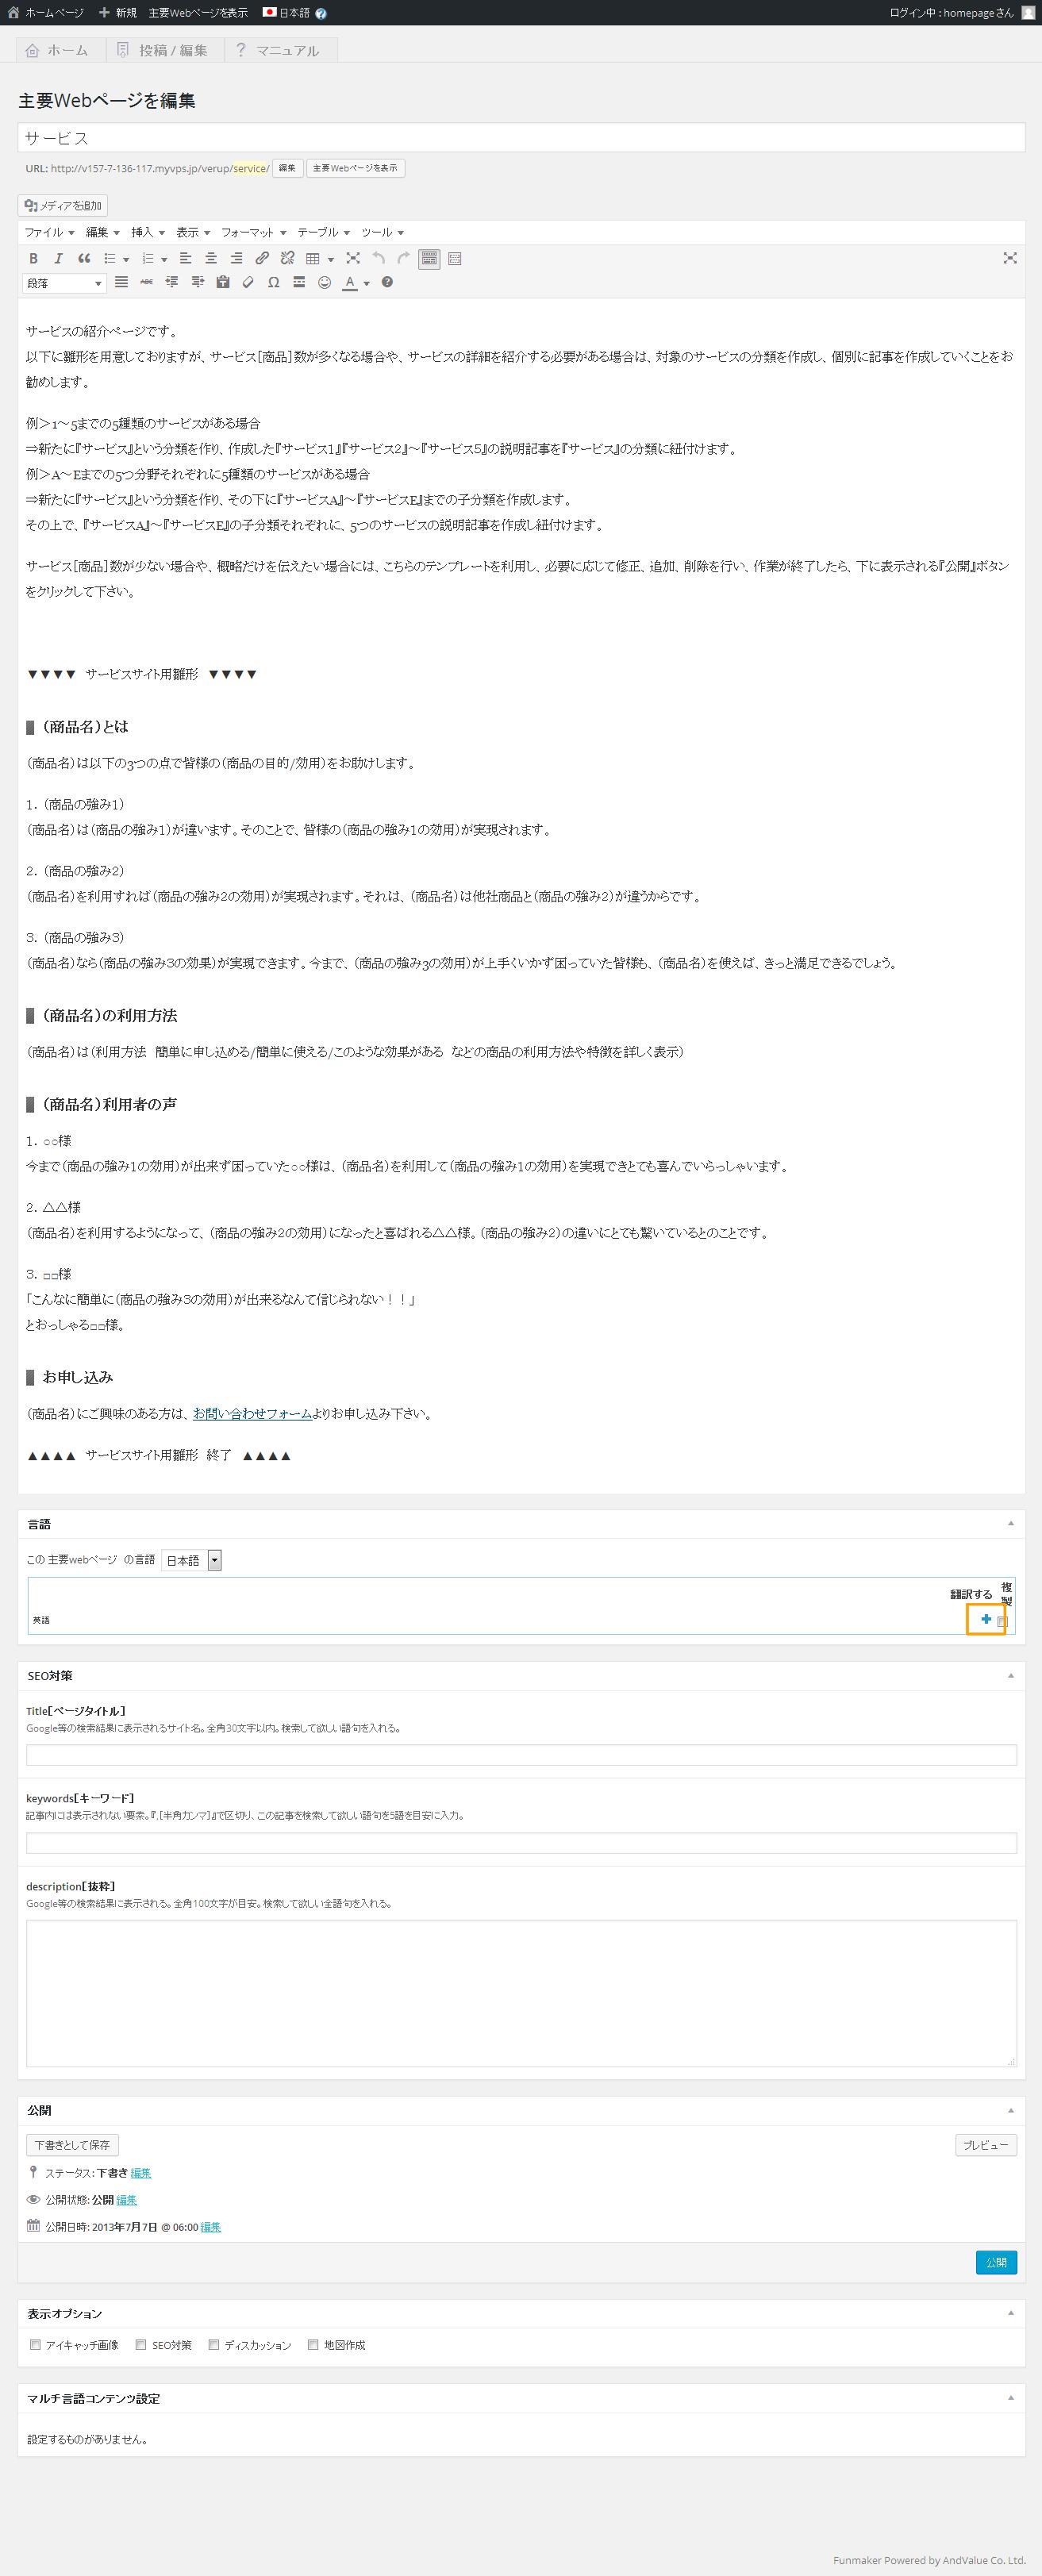 管理画面 固定コンテンツ サービス | 初期費用無料ホームページ作成サイト - FunMaker